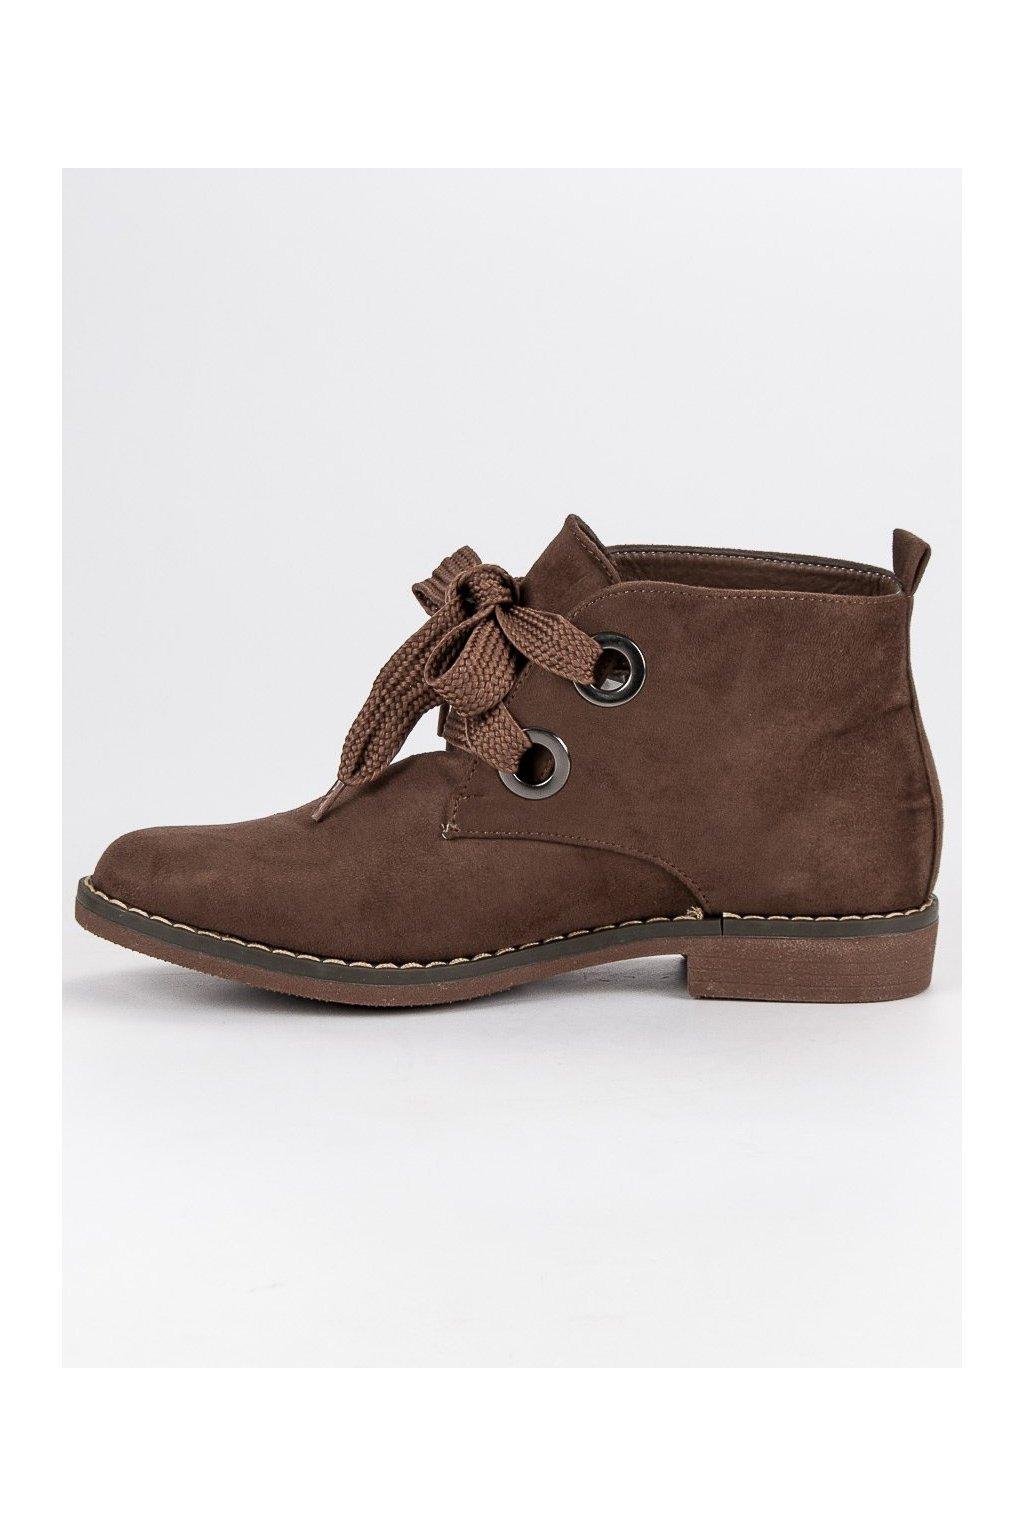 ... Béžové topánky semišové čižmičky s výrazným viazaním Super Mode ... 2b4625b3e42